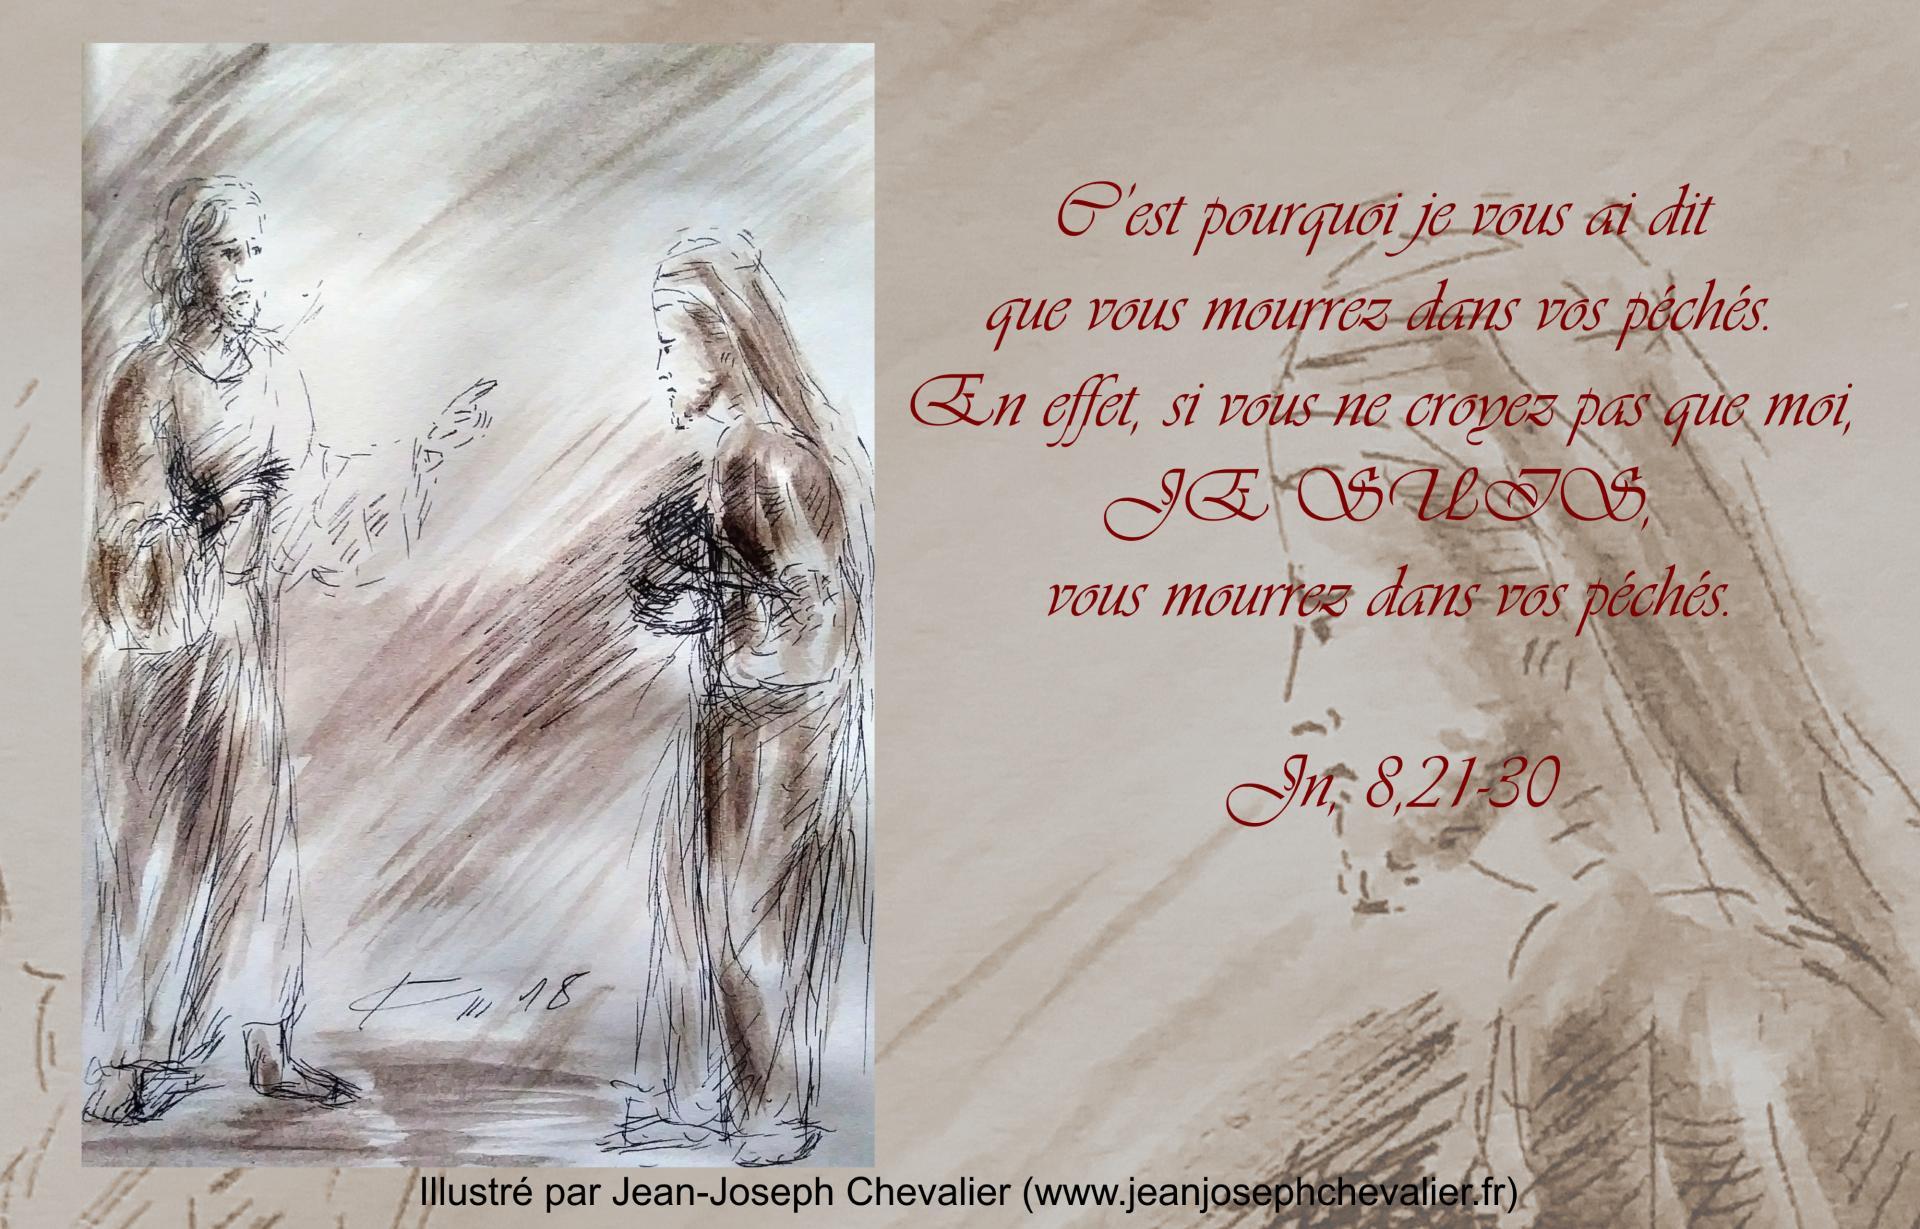 20 mars 2018 evangile du jour illustre par un dessin au lavis de jean joseph chevalier